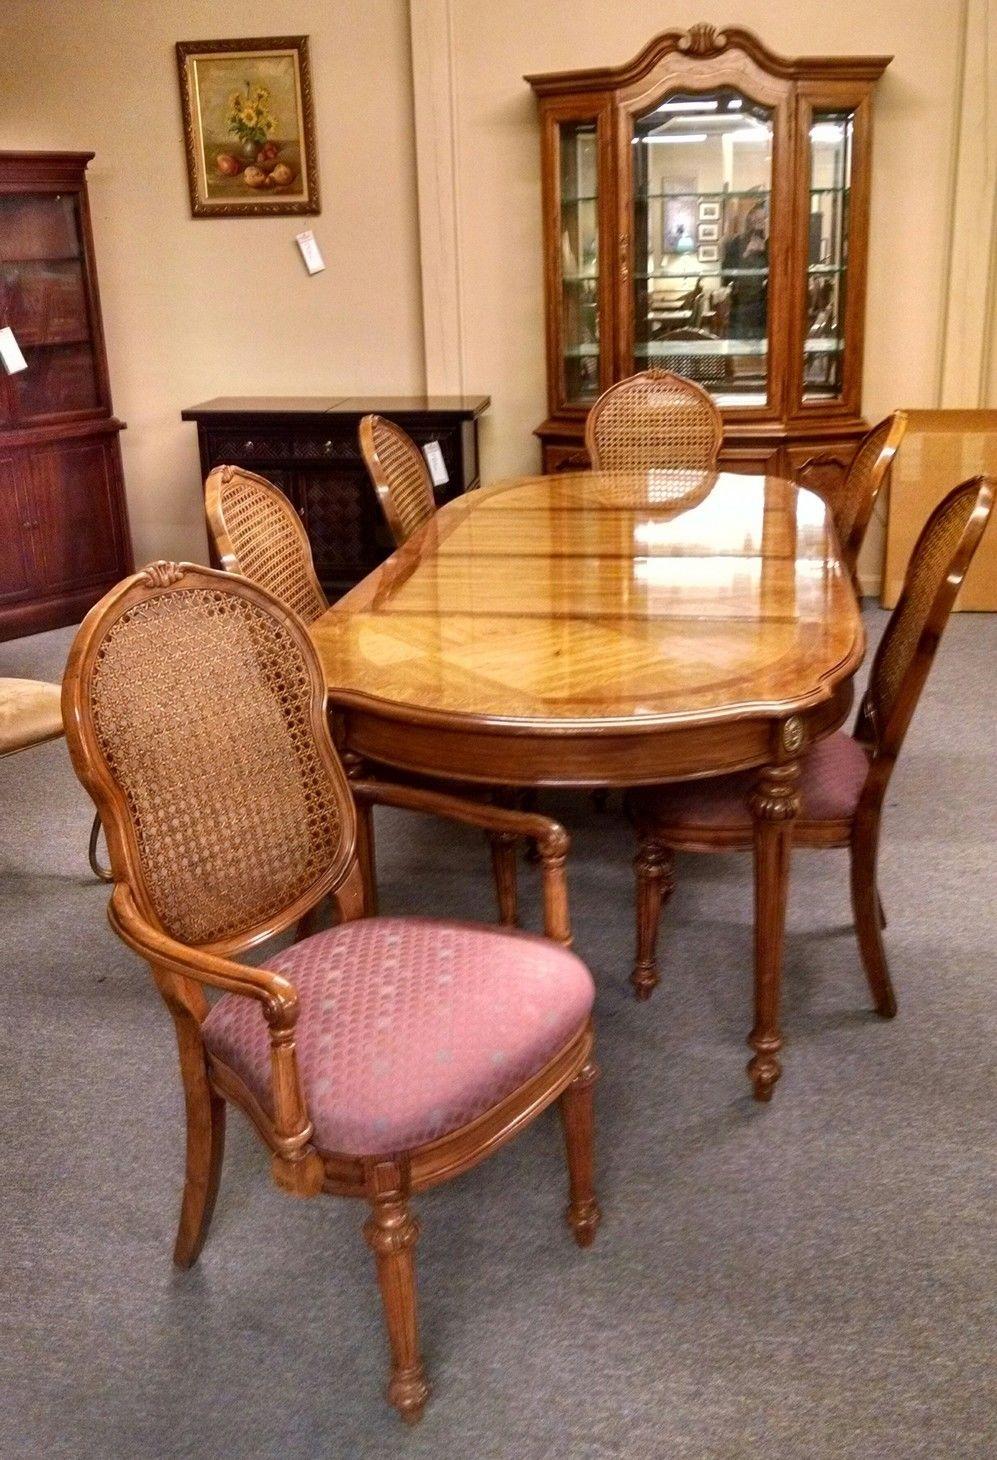 THOMASVILLE DINING ROOM SET Delmarva Furniture Consignment